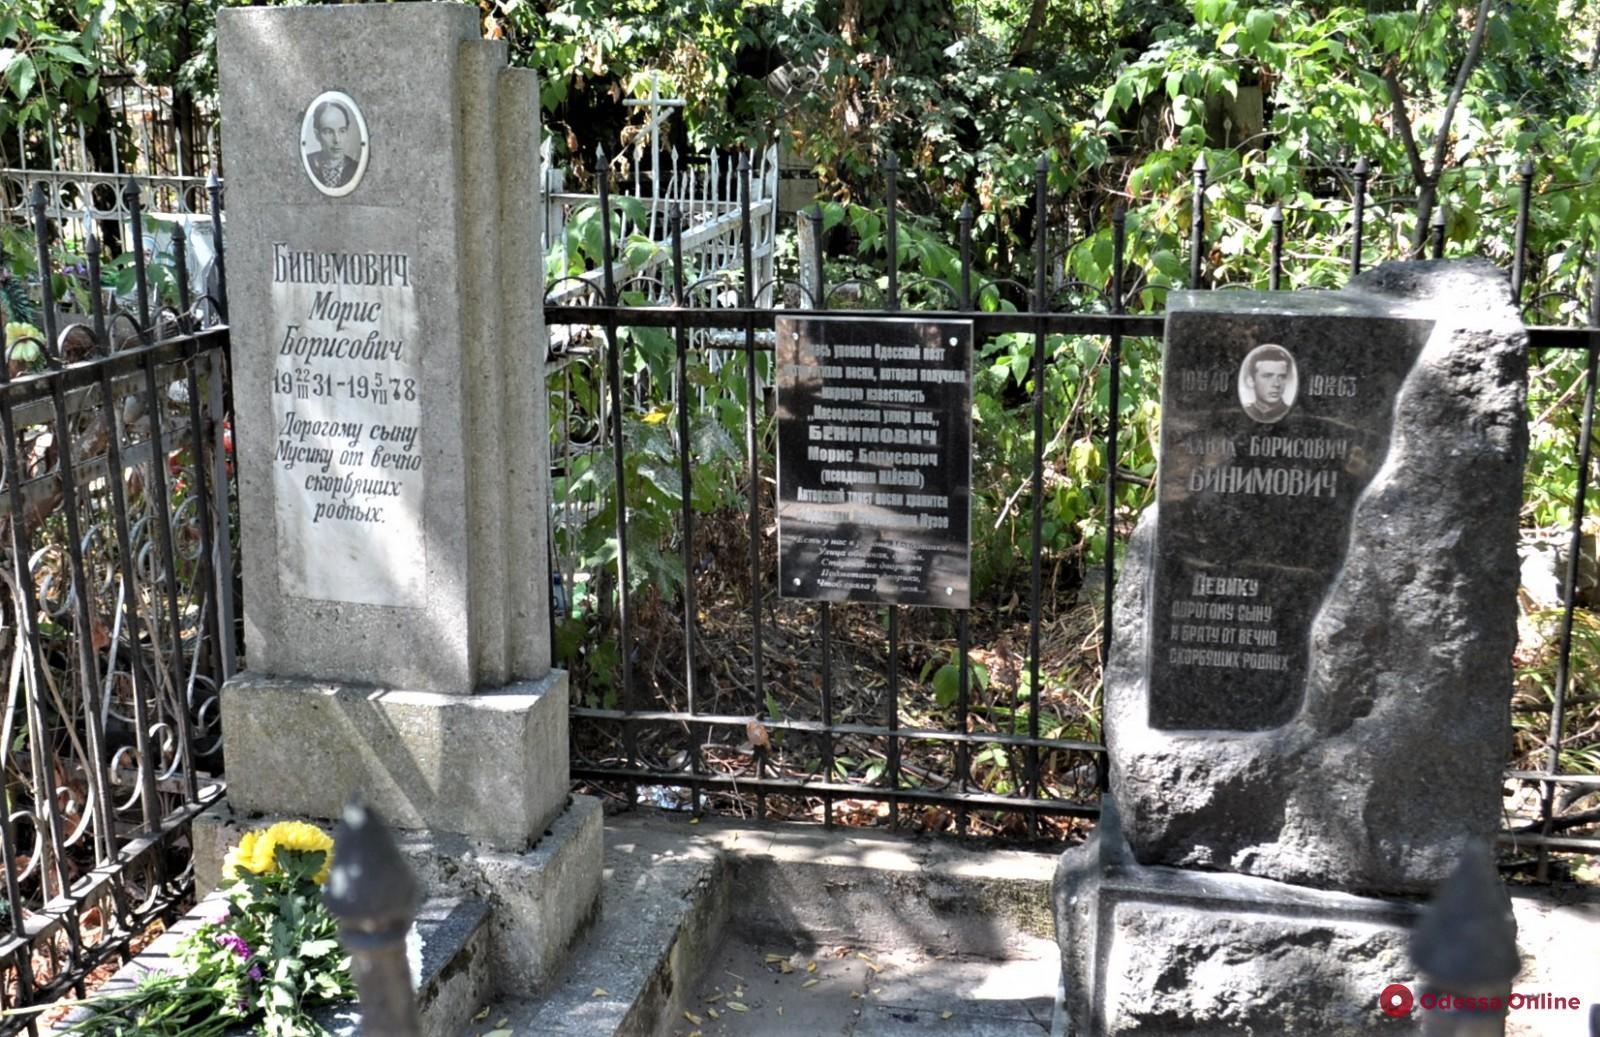 На Втором христианском кладбище установили мемориальную доску автору песни «Мясоедовская, улица моя»